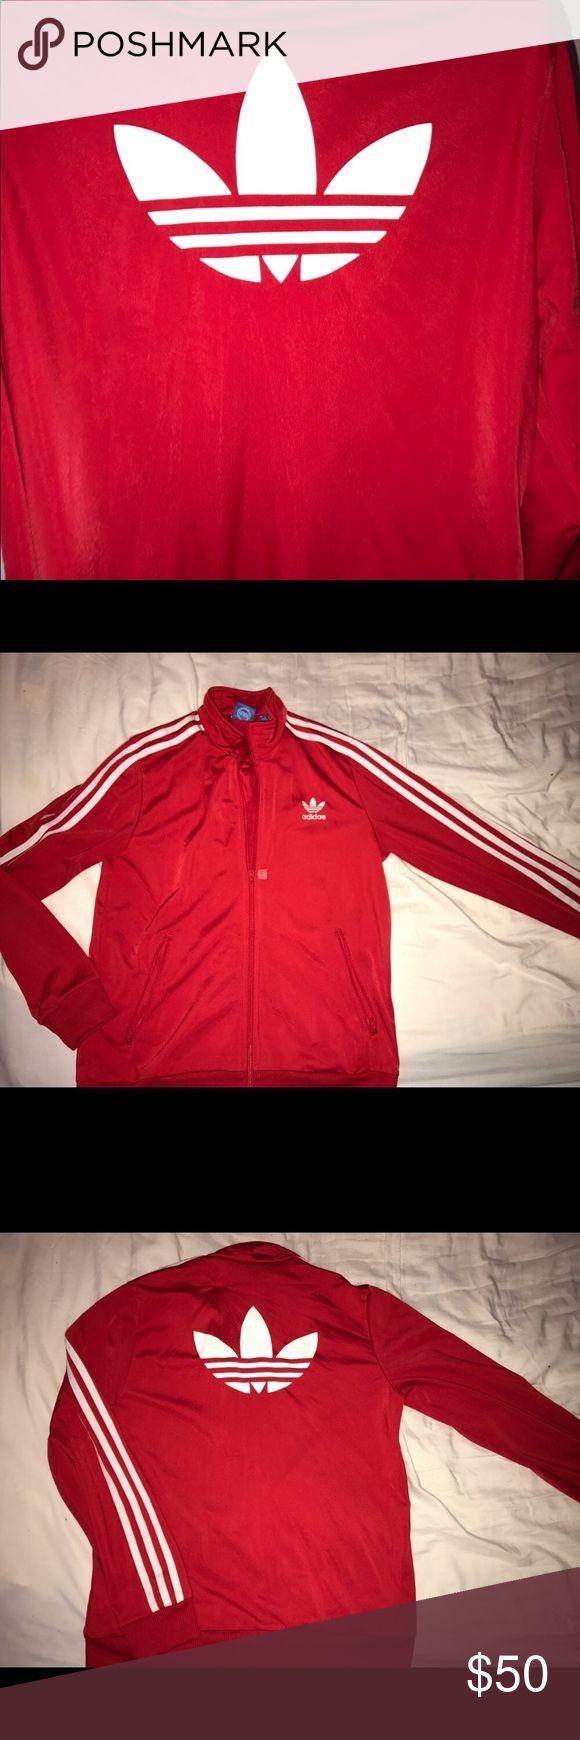 Adidas jacket! ❤️❣️❤️ Red & white adidas jacket. adidas Jackets & Coats